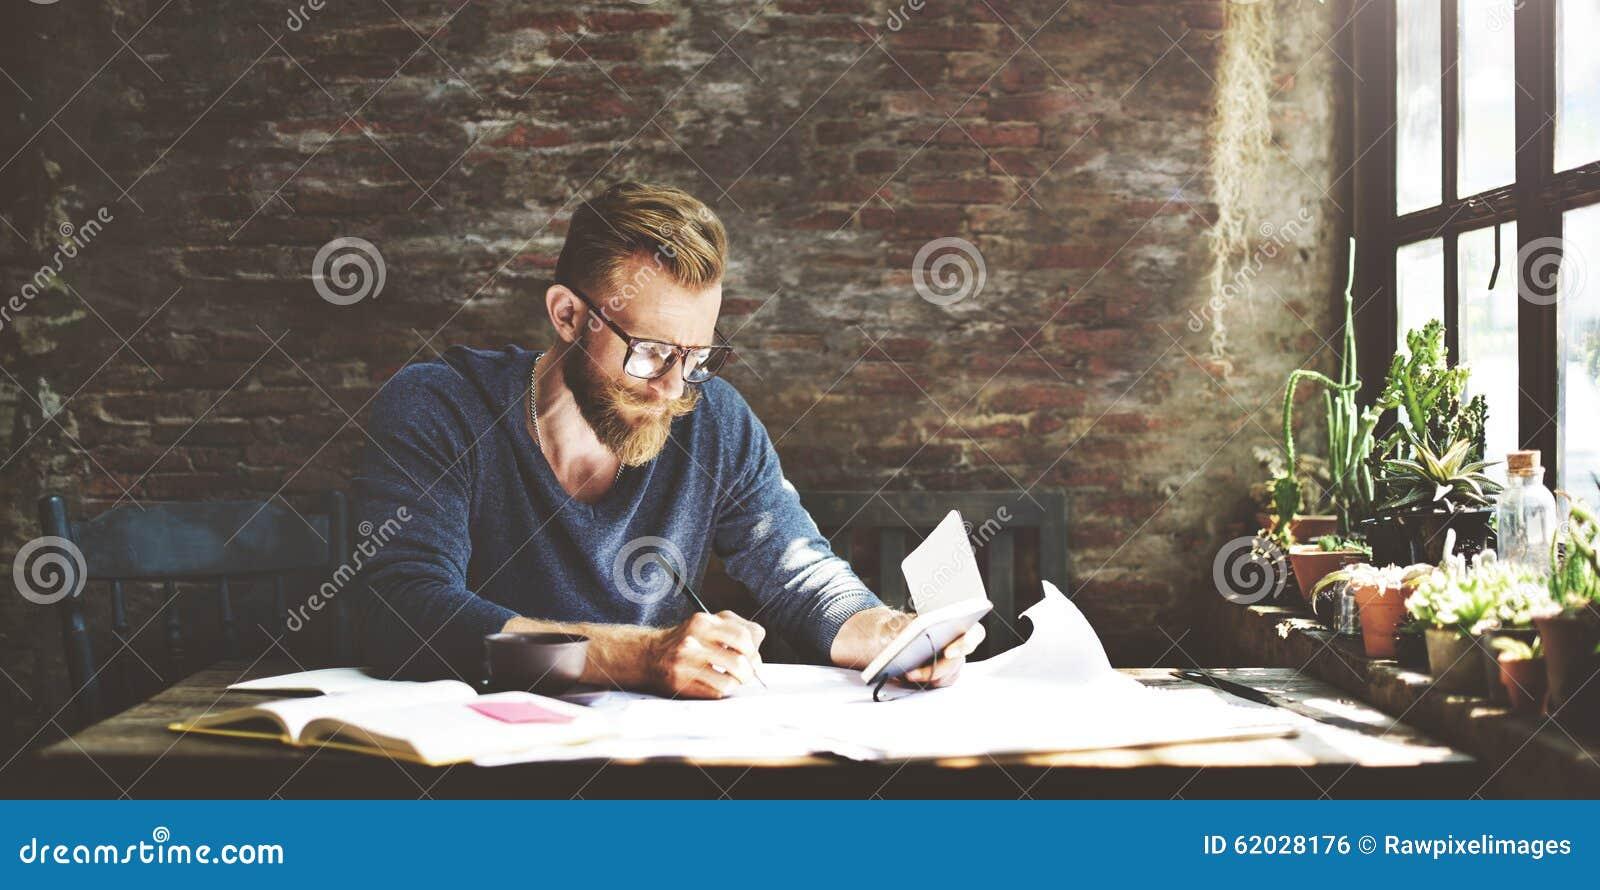 Het Werk van zakenmandetermine ideas writing Concept